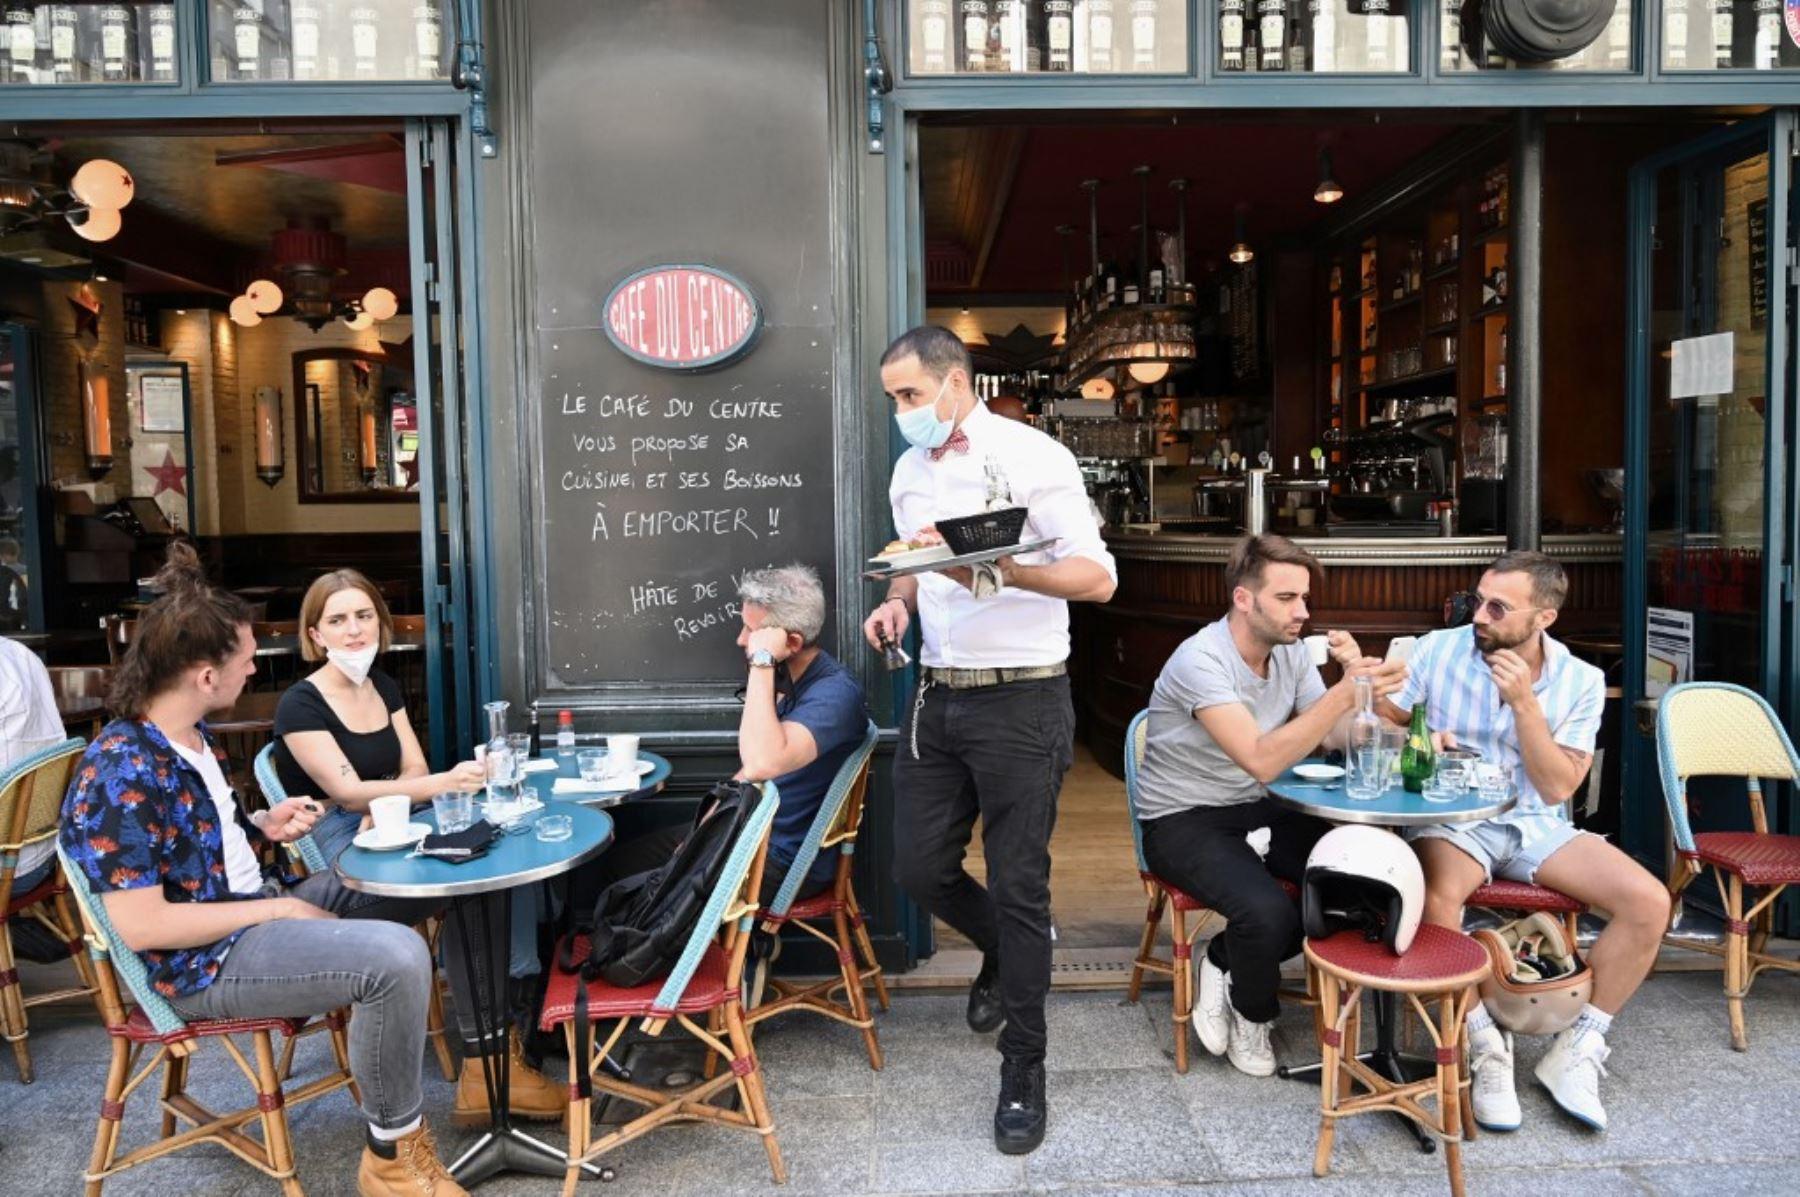 La gente come y toma bebidas en la terraza del café restaurante Le Compat en París el 2 de junio de 2020, a medida que los cafés y restaurantes vuelven a abrir en Francia. Foto: AFP